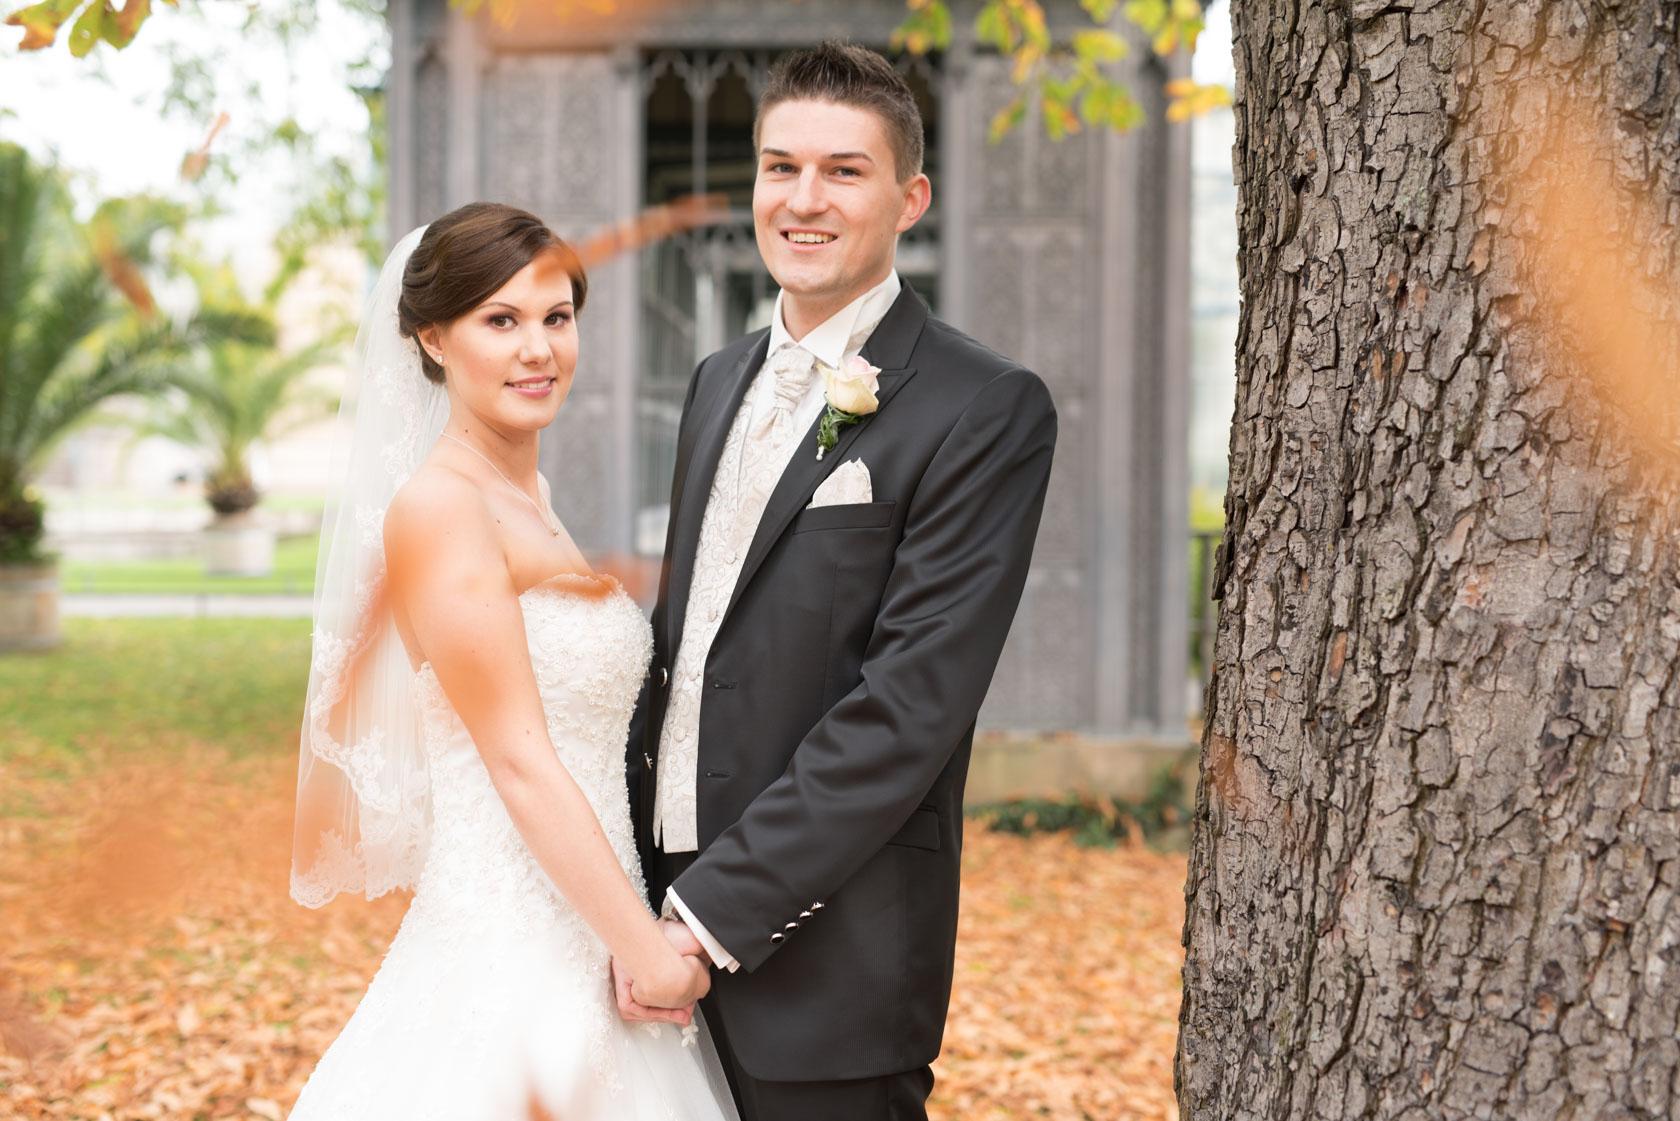 Hochzeitsfotograf in Winterbach mit Lena und Chris